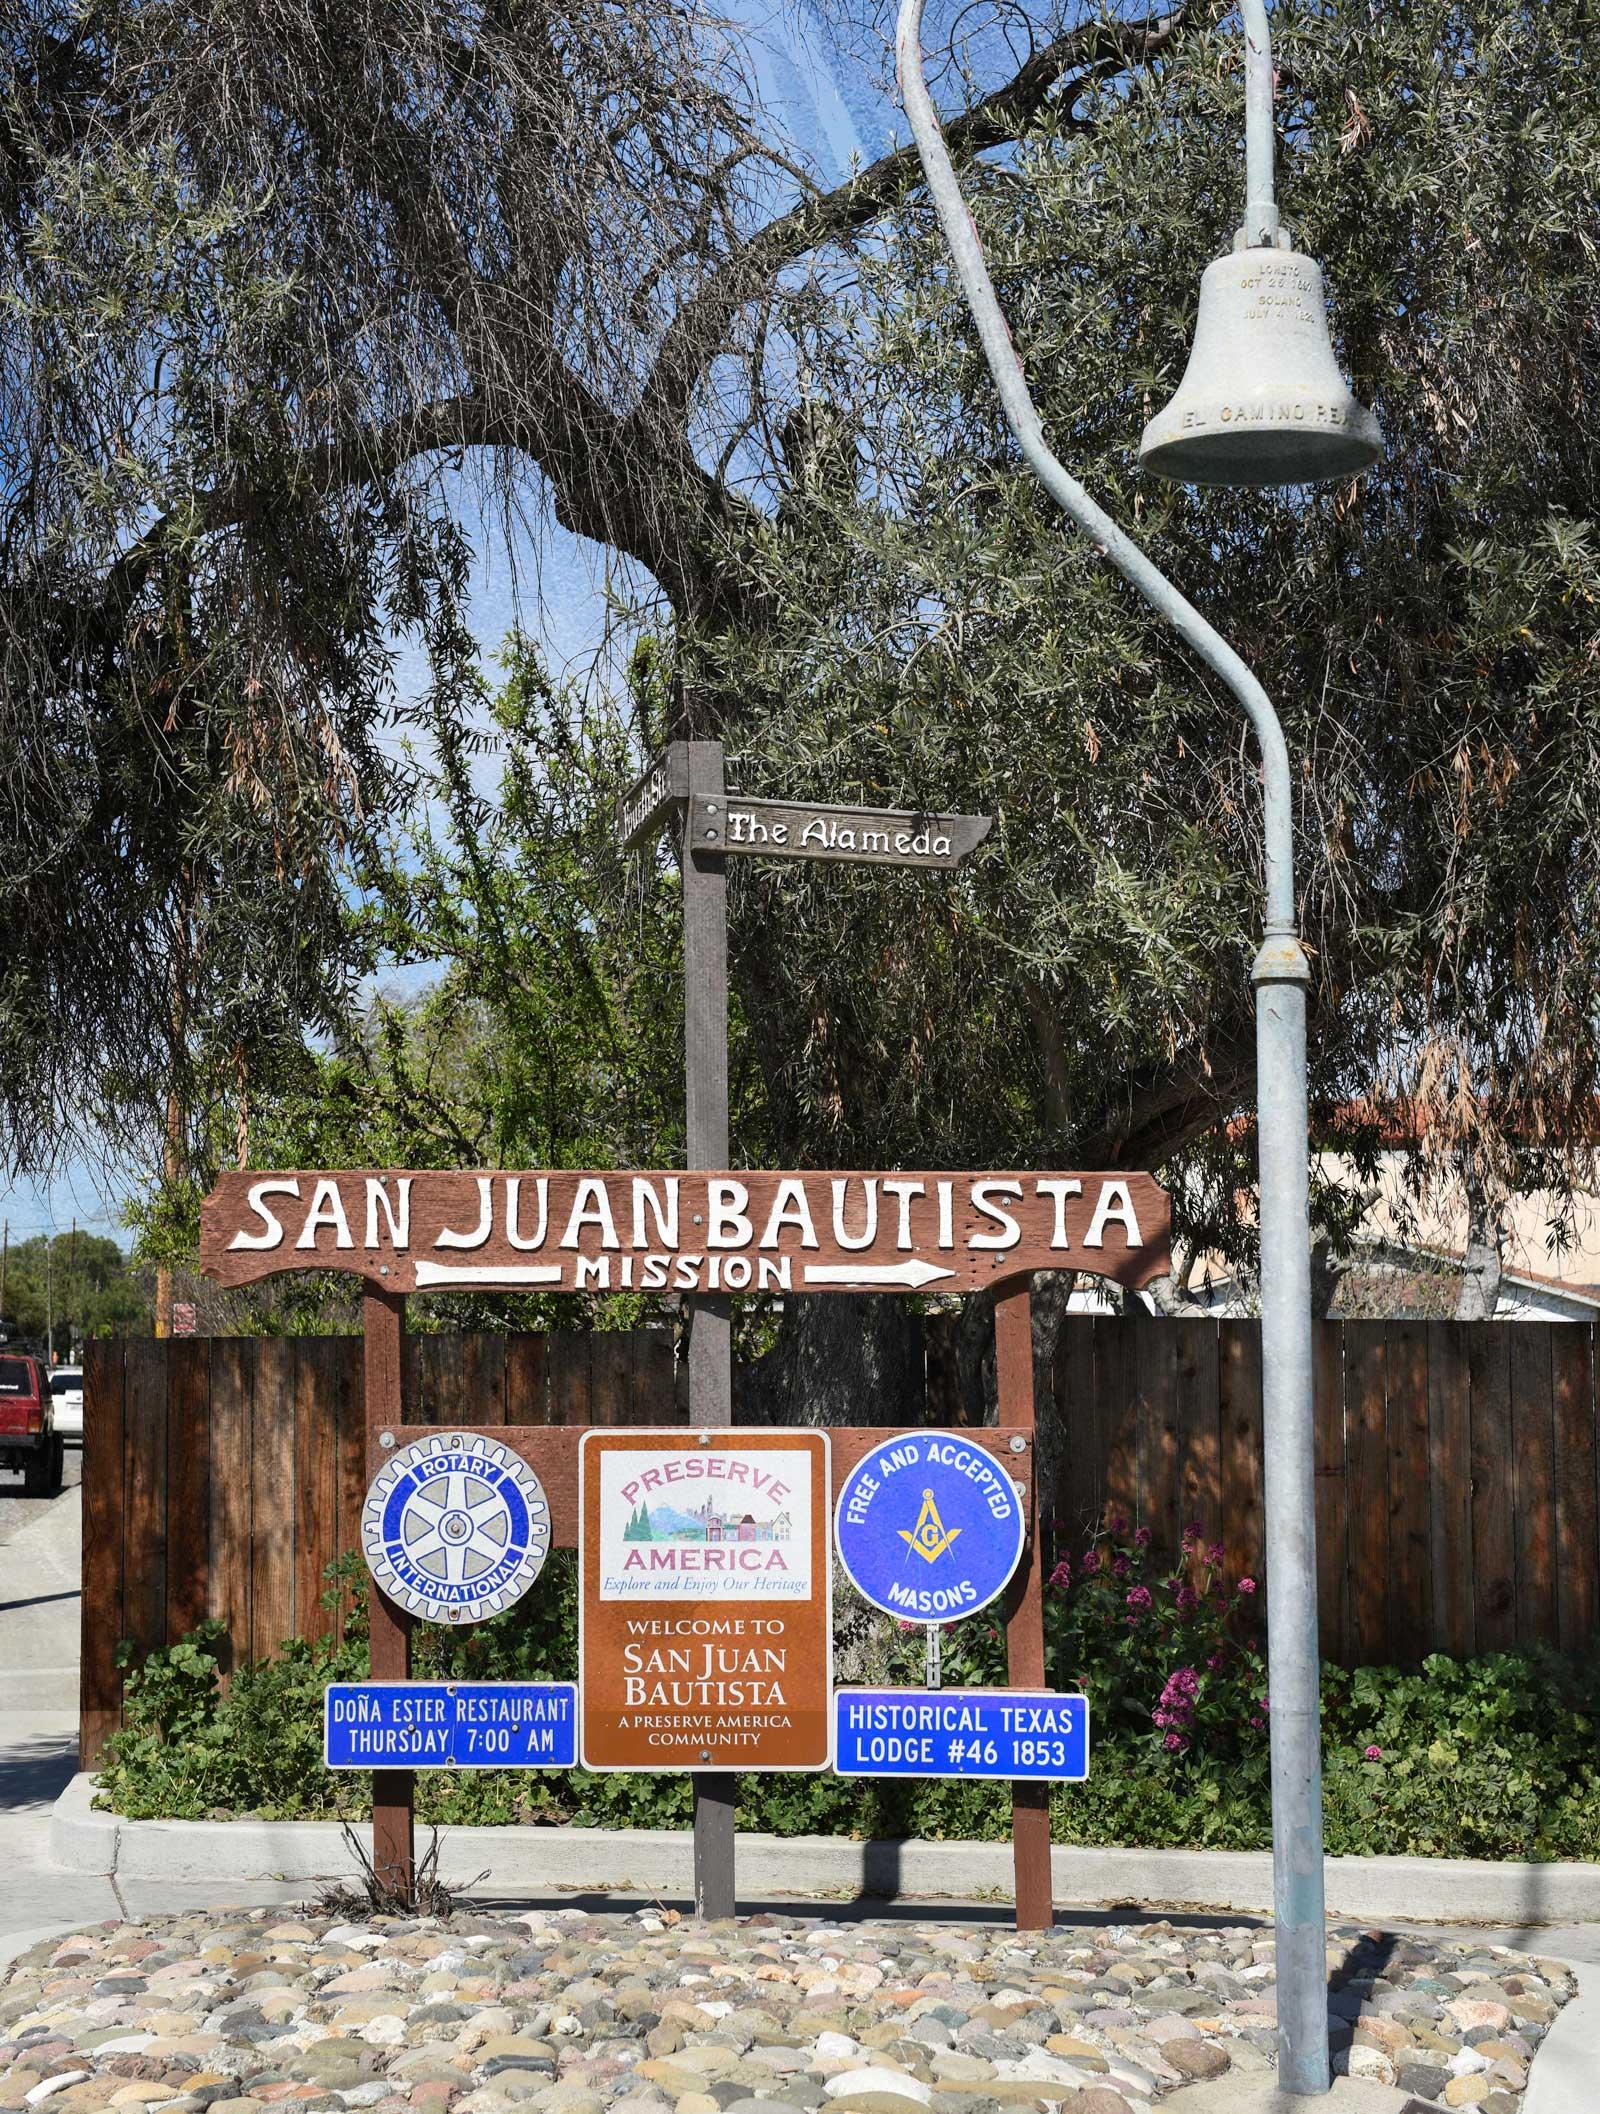 San Juan Bautista Welcome sign